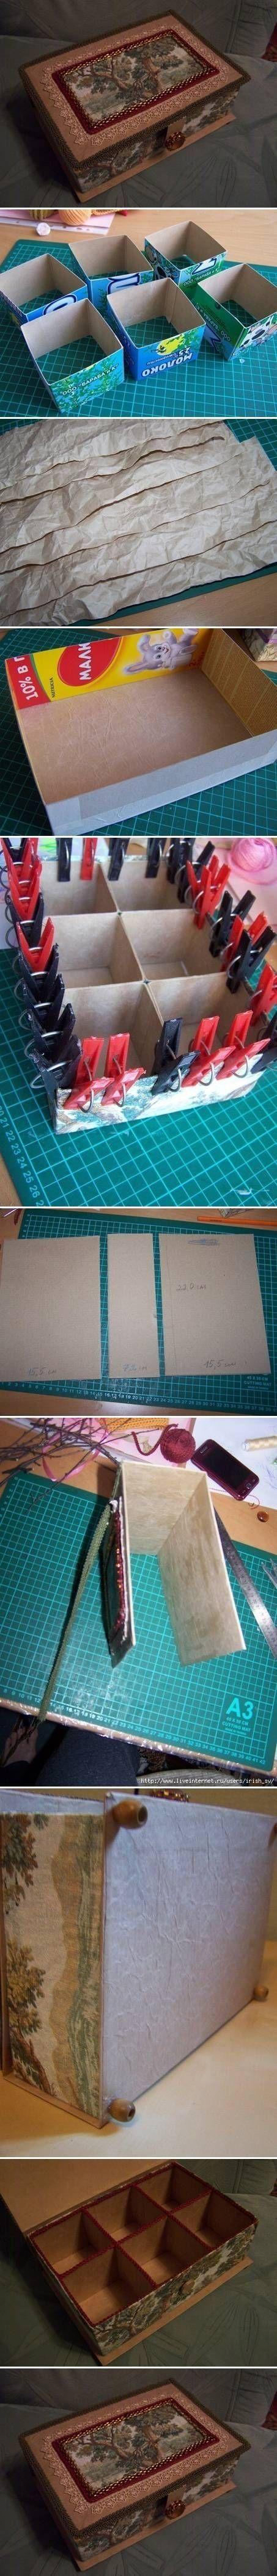 DIY Cardboard Organizer Box by marquita